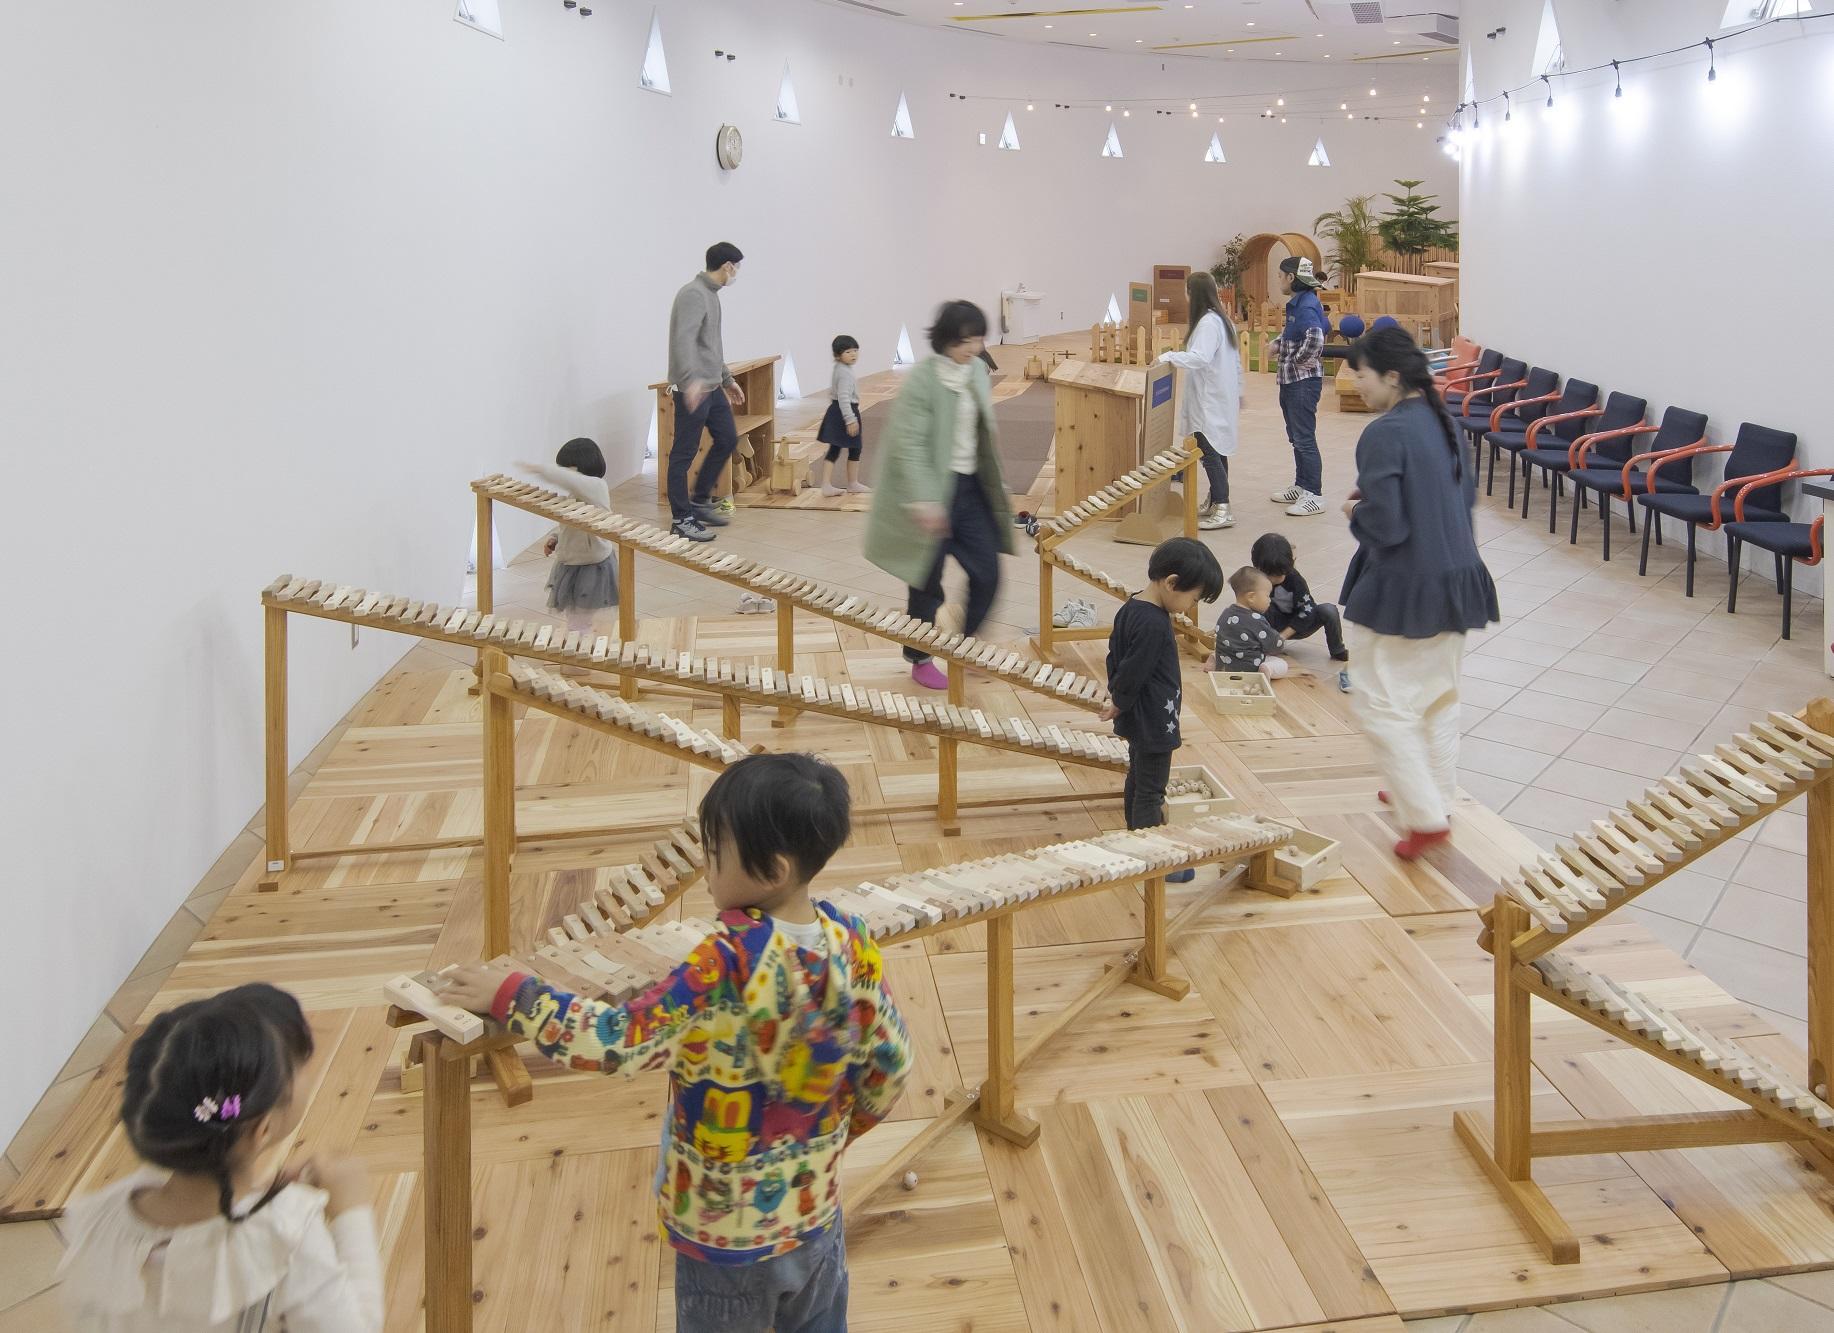 https://www.himi-kaihin.com/news/images/re_hks_img036.jpg